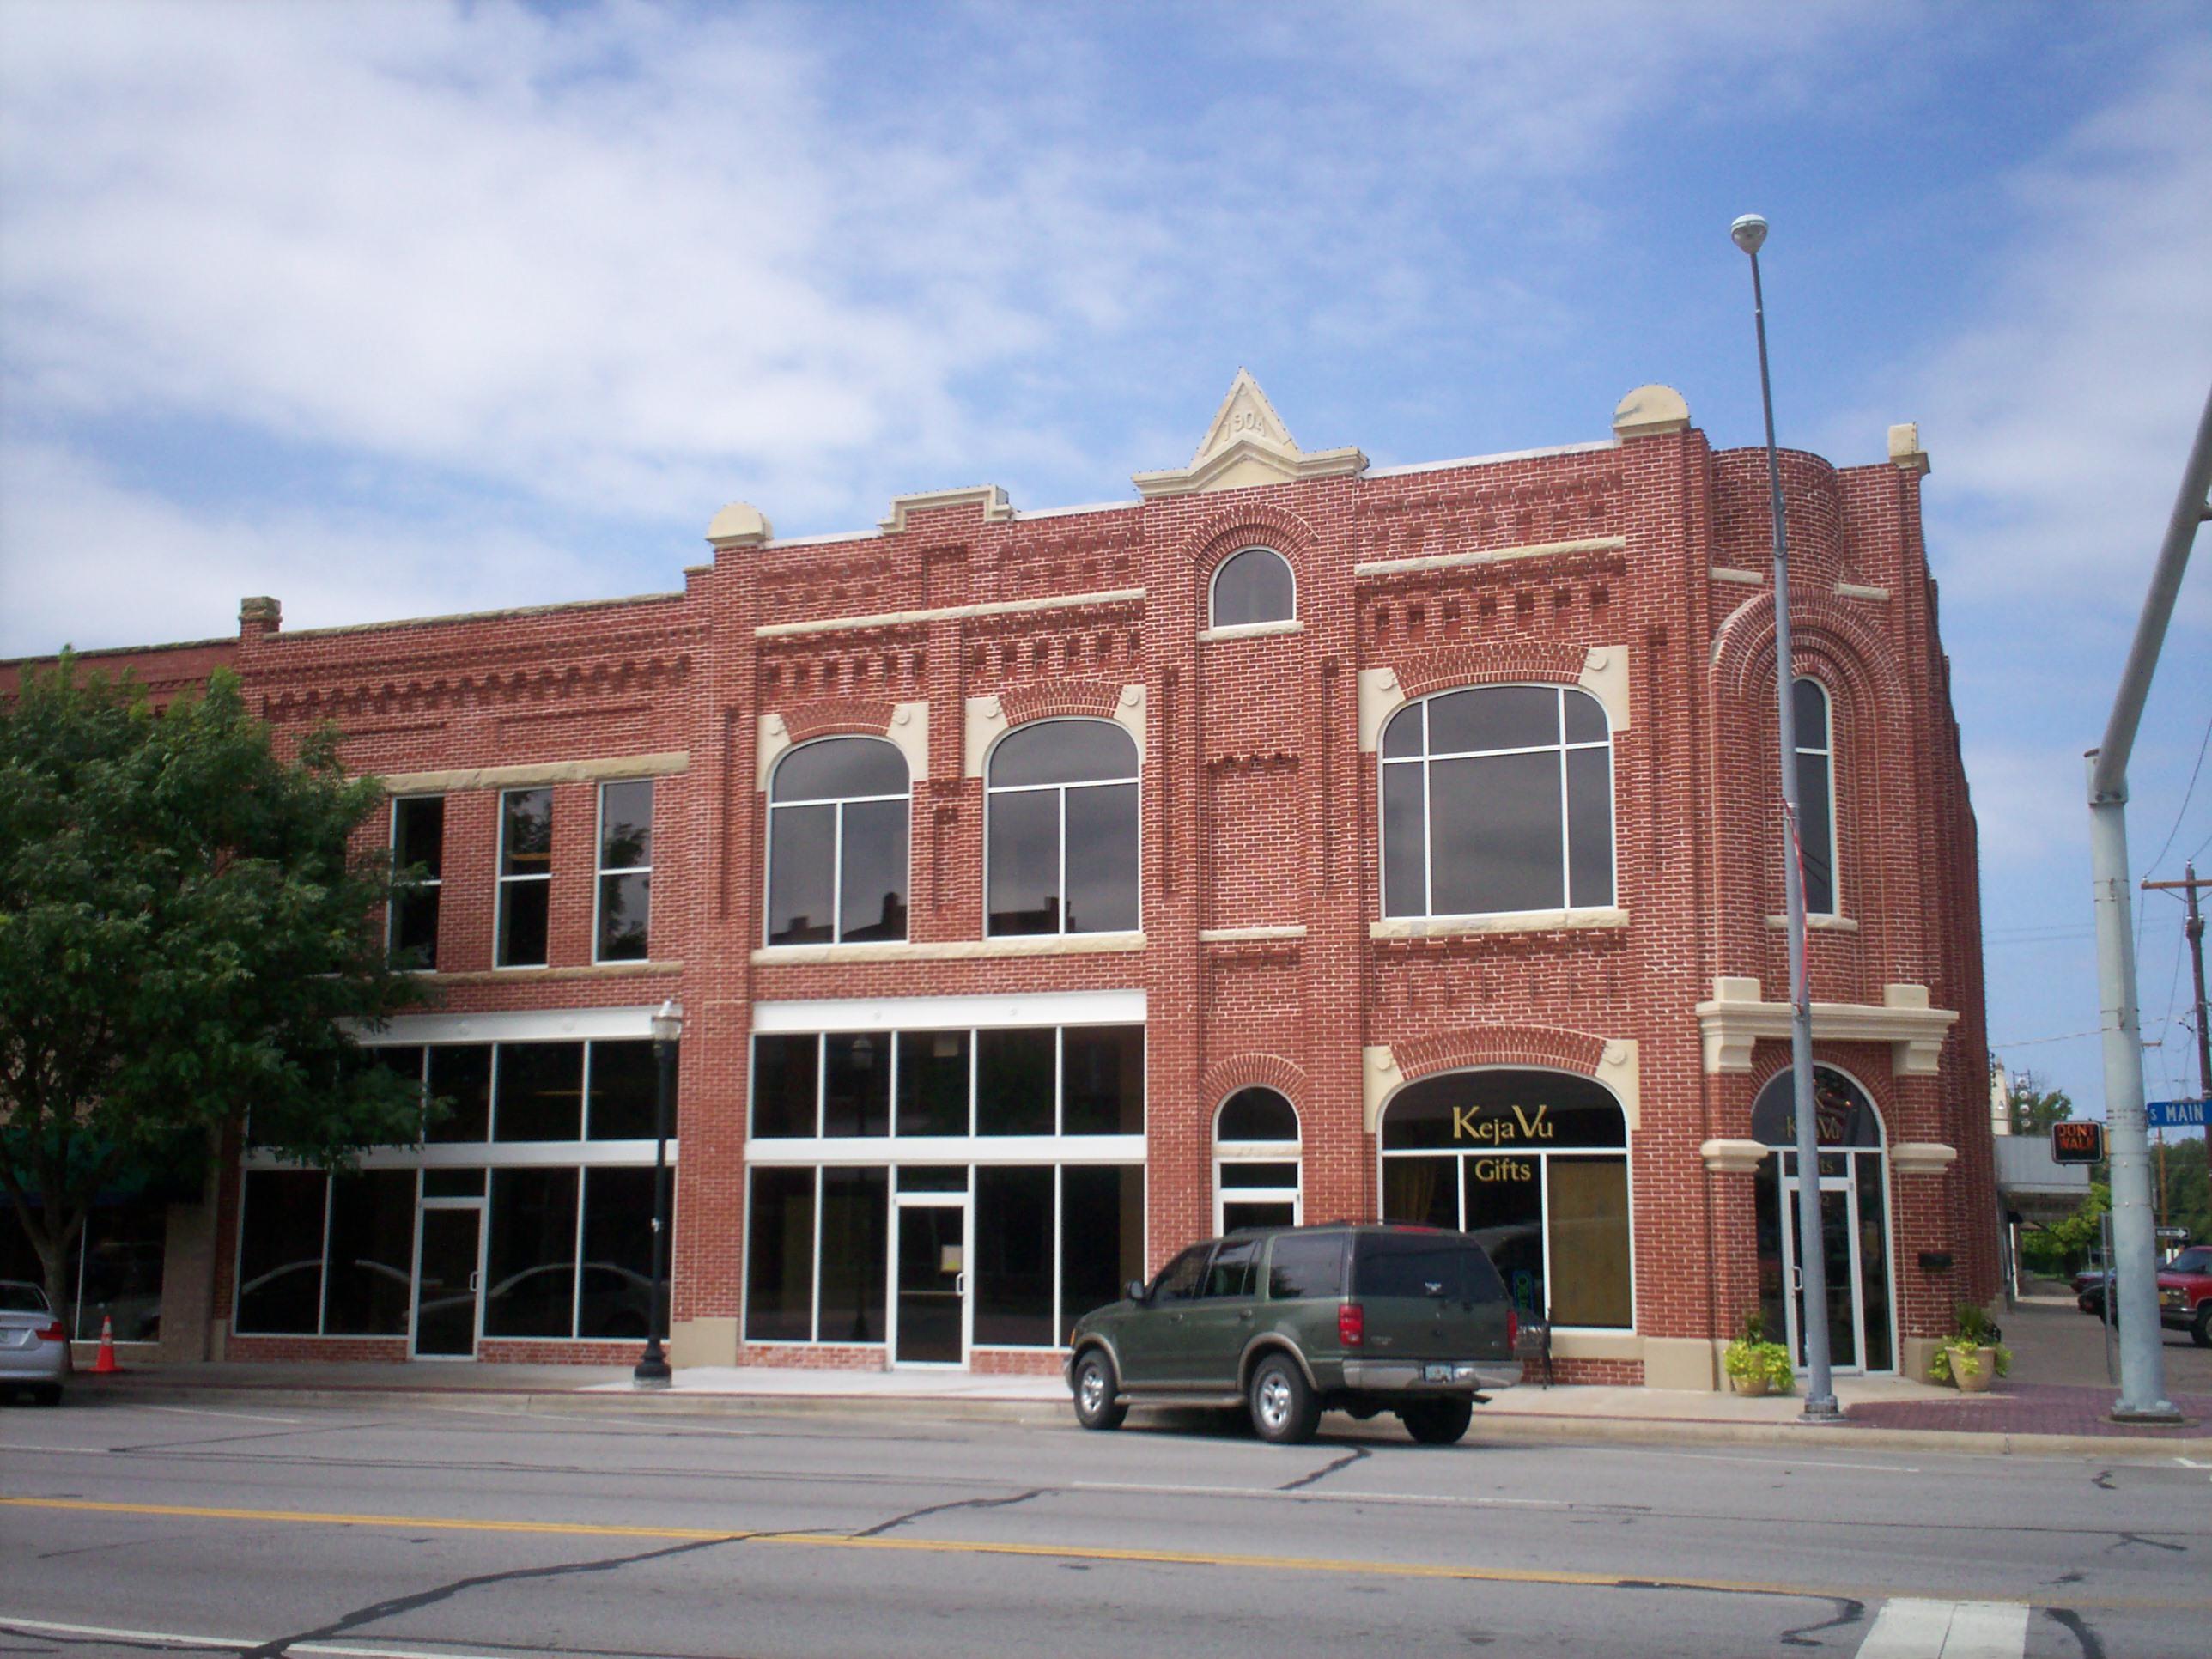 Historicbuilding